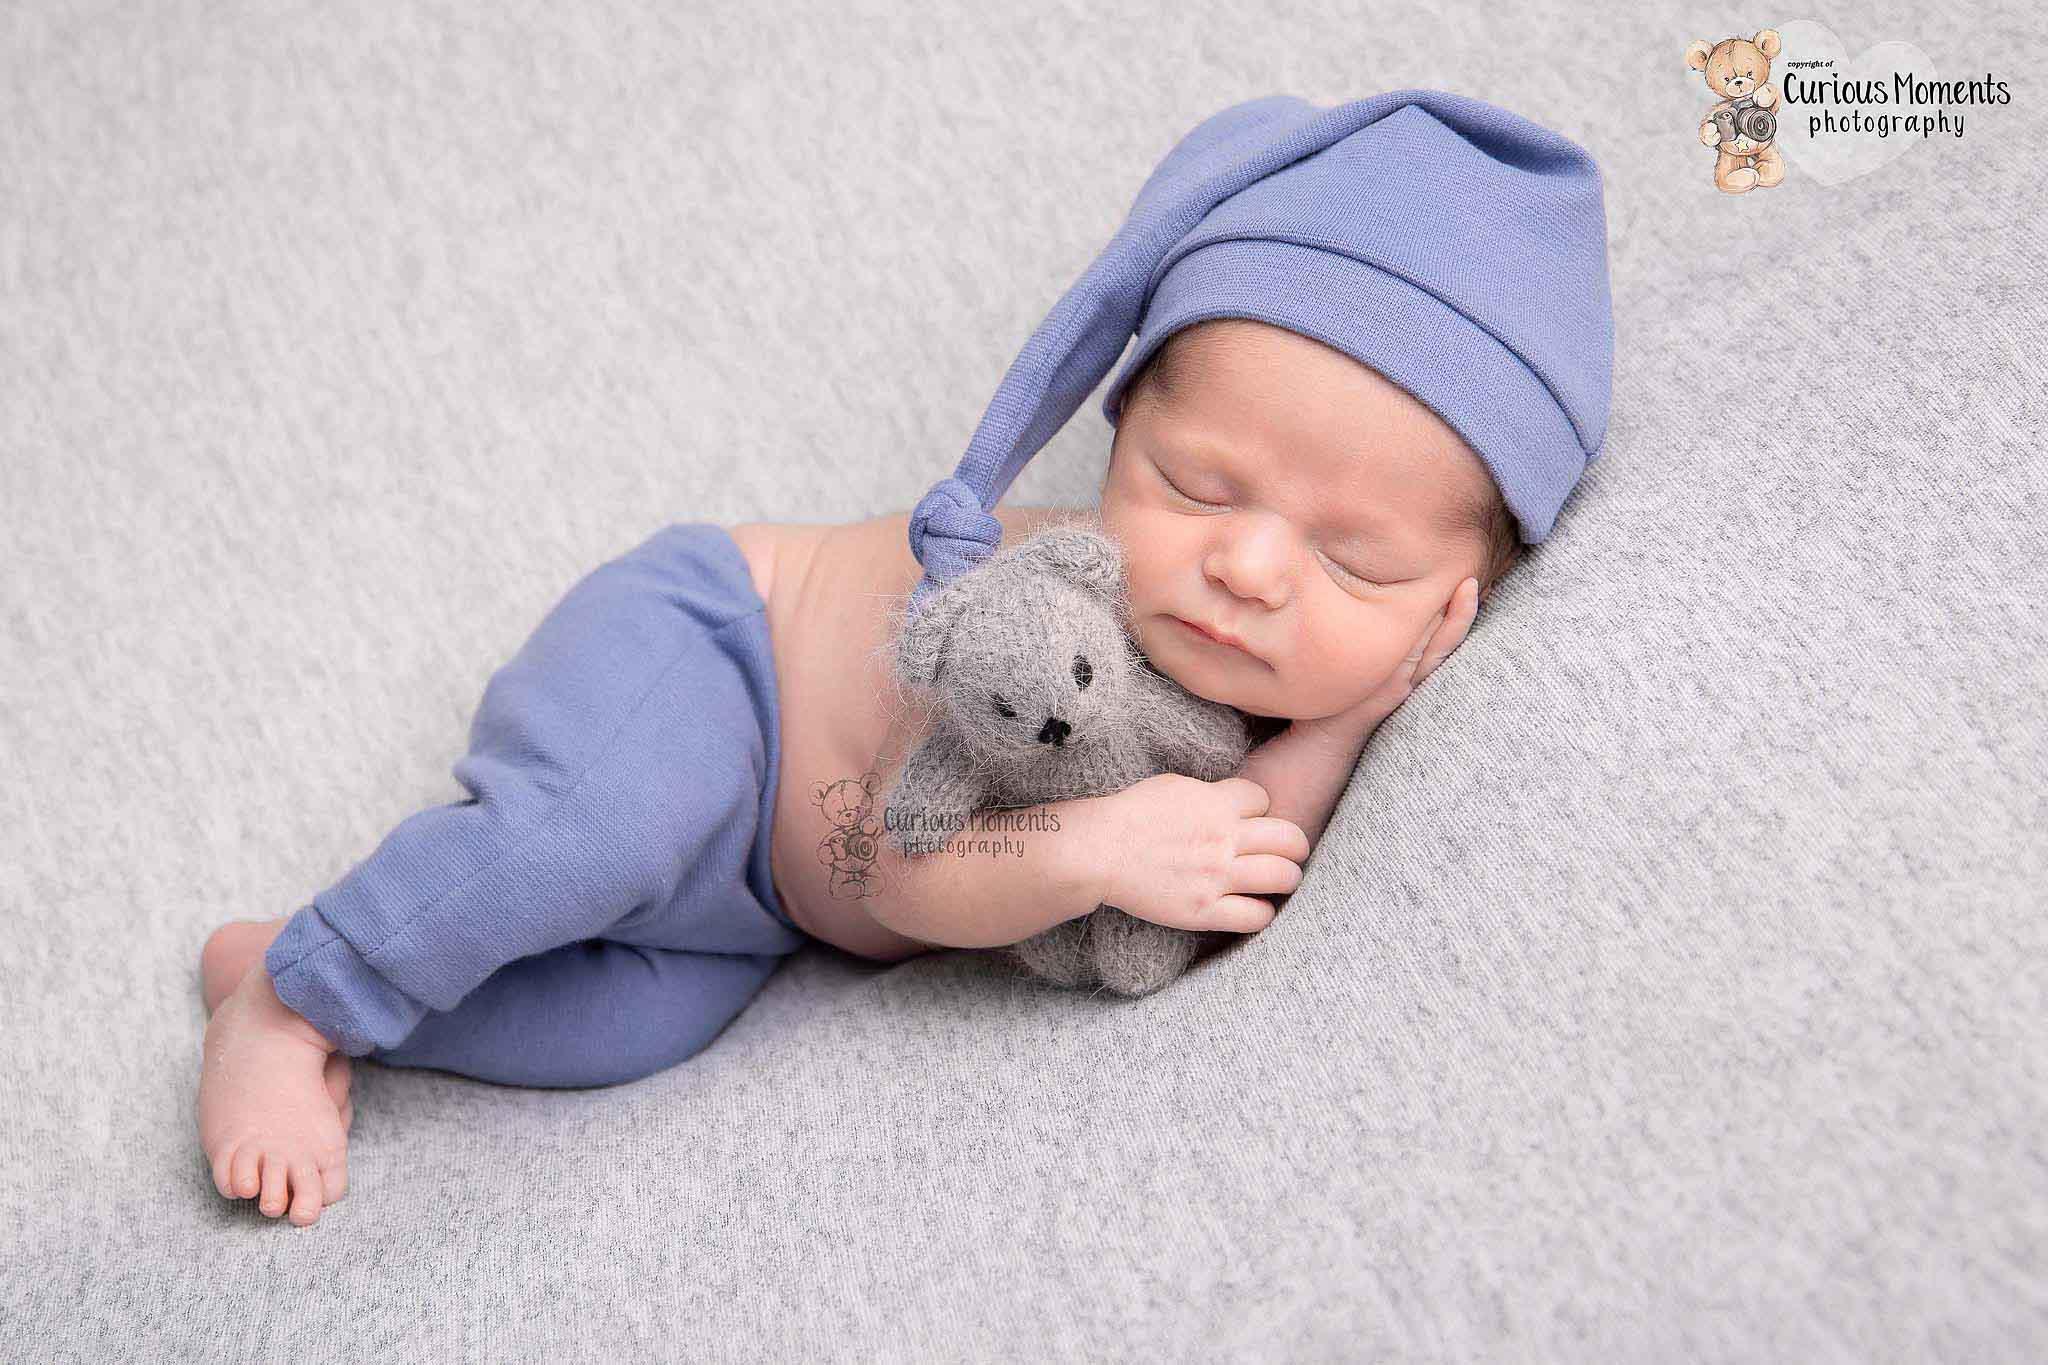 Newborn baby boy lying on side in sleepy hat hugging teddy